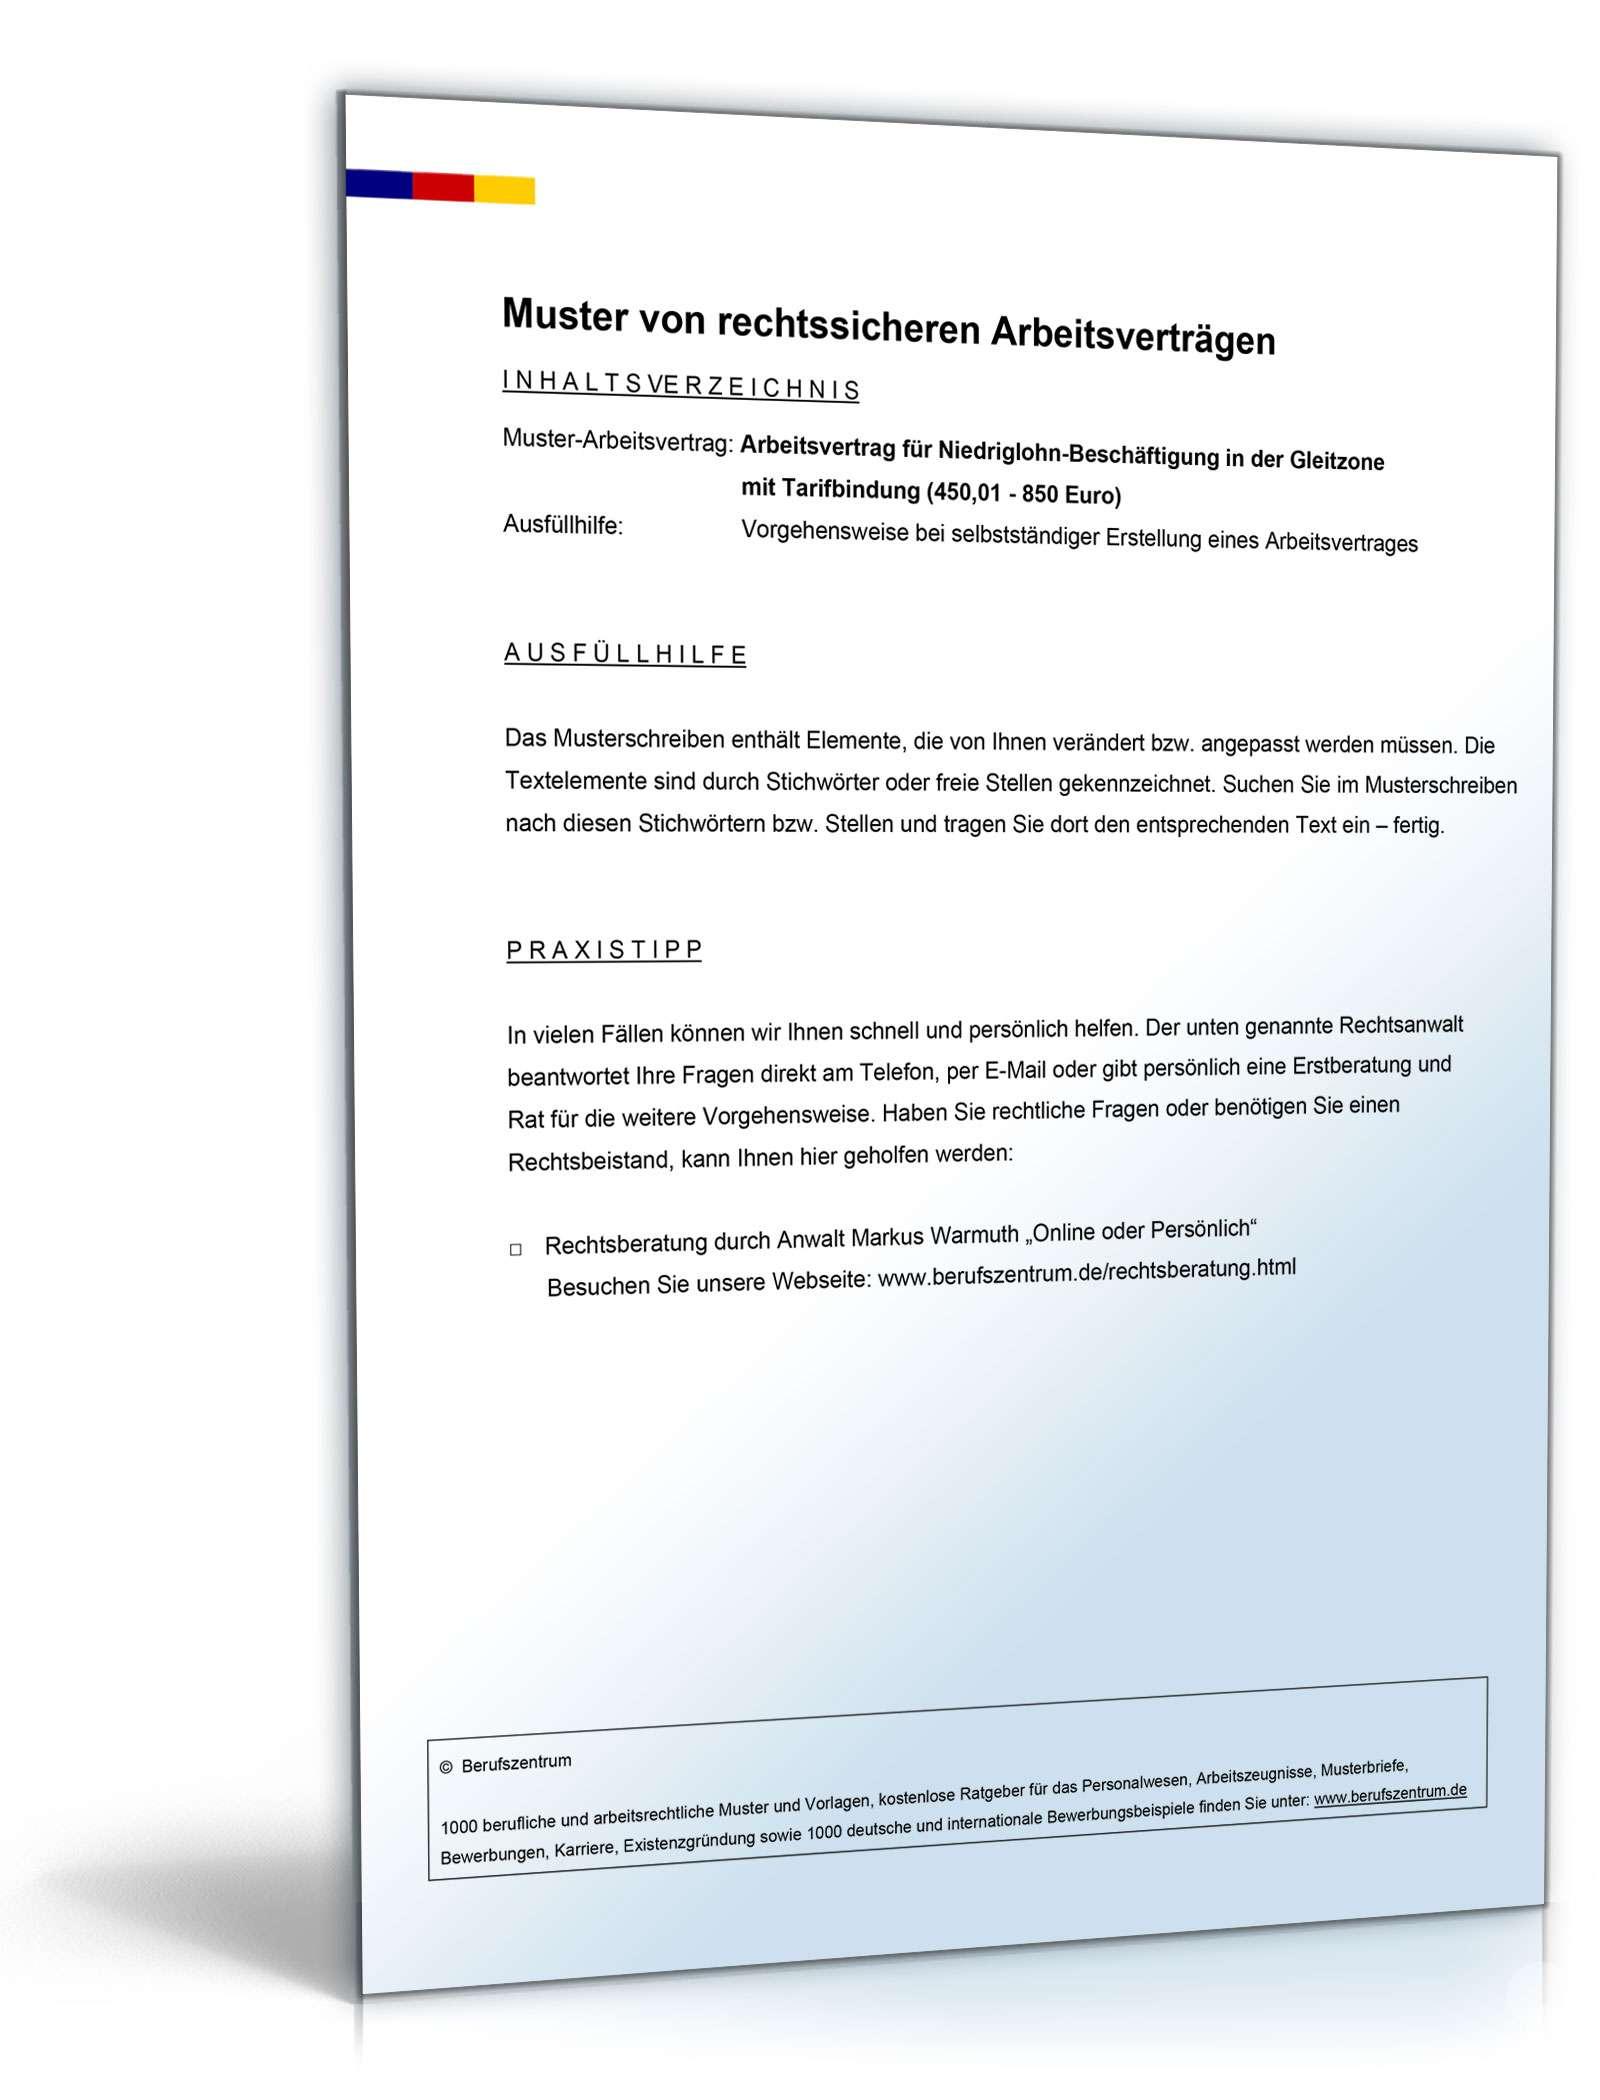 Arbeitsvertrag Gleitzone Mit Tarifbindung Muster Zum Download